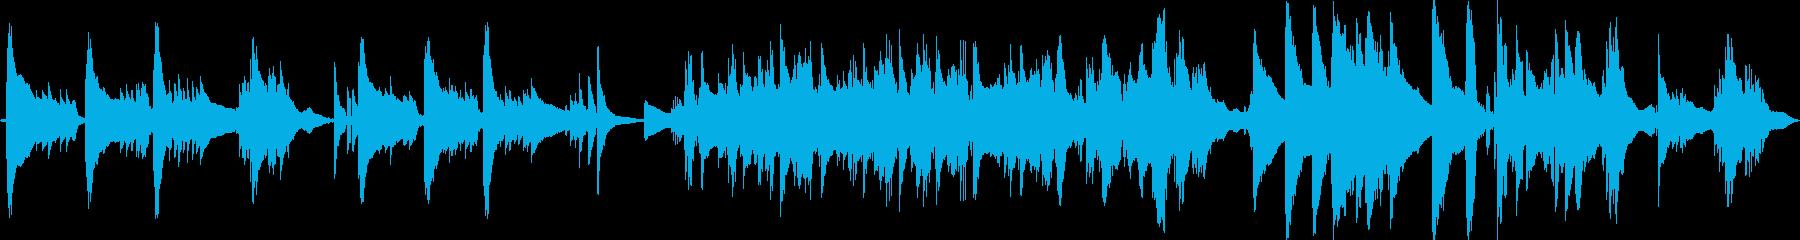 世界 スパニッシュギター フラメンコの再生済みの波形